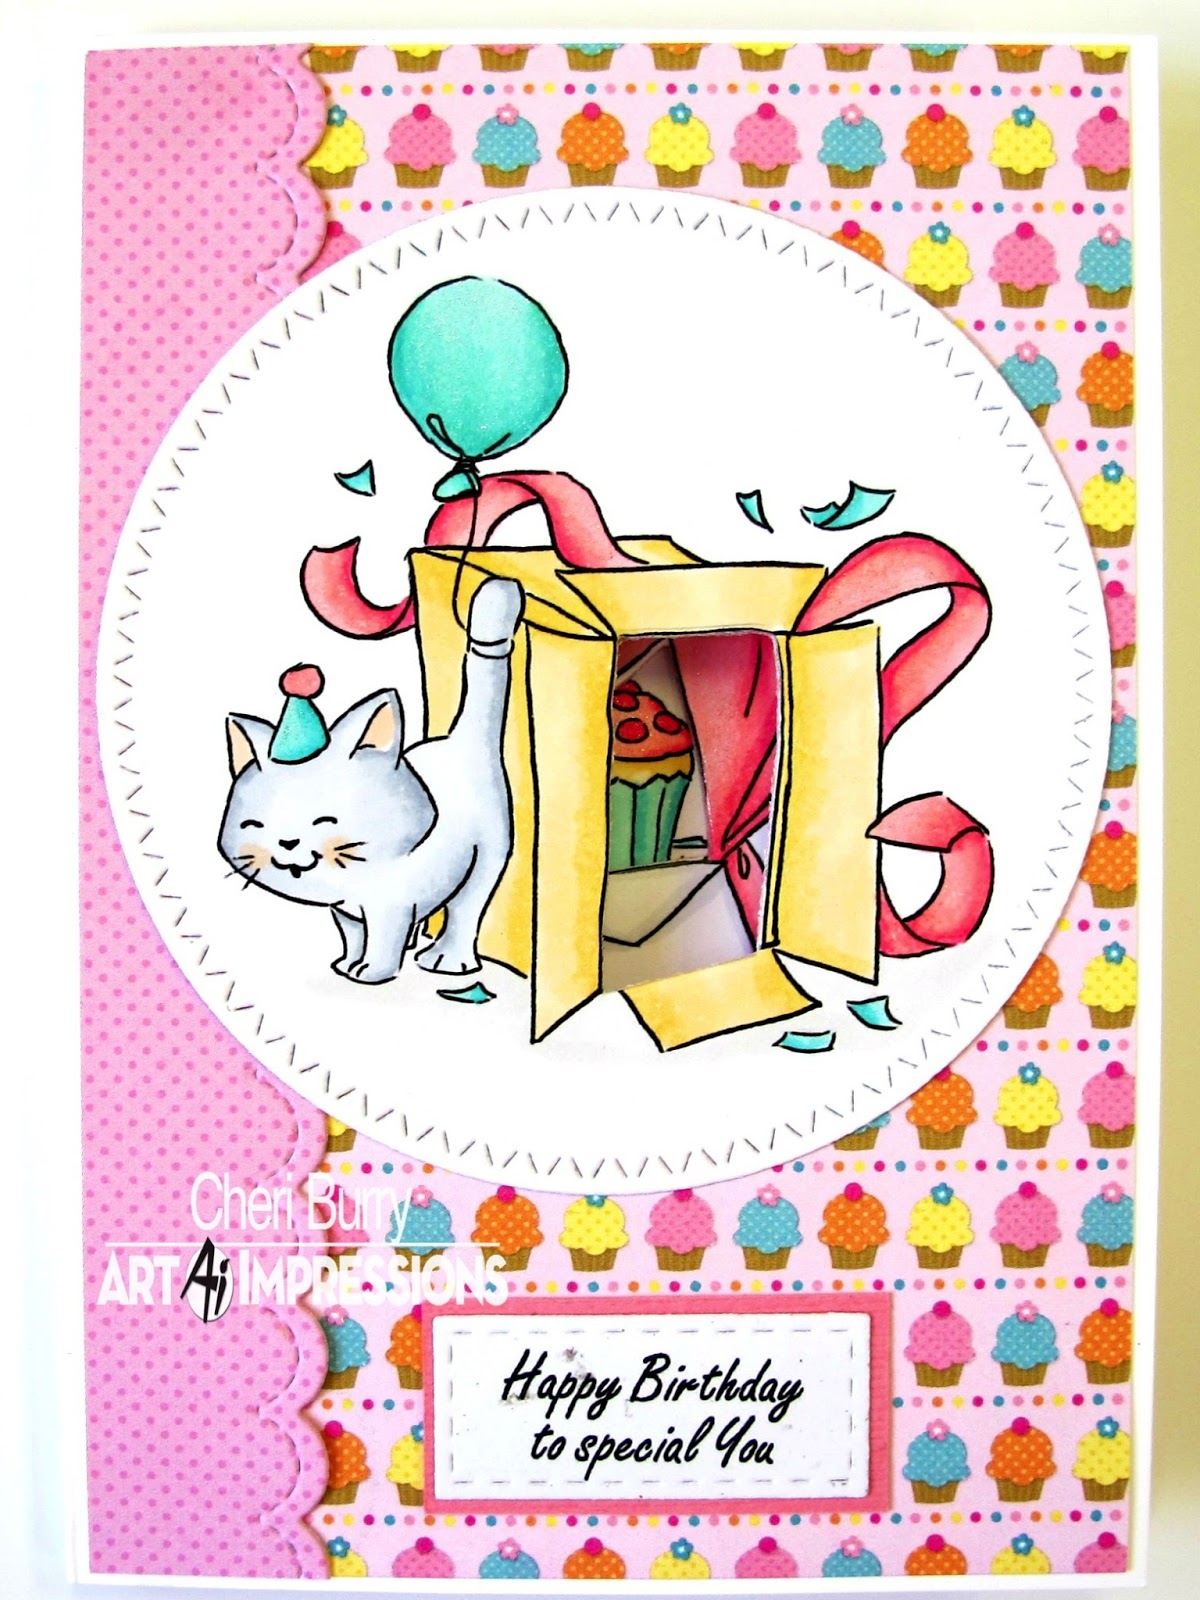 Art Impressions Blog: Happy Birthday By Cheri Burry